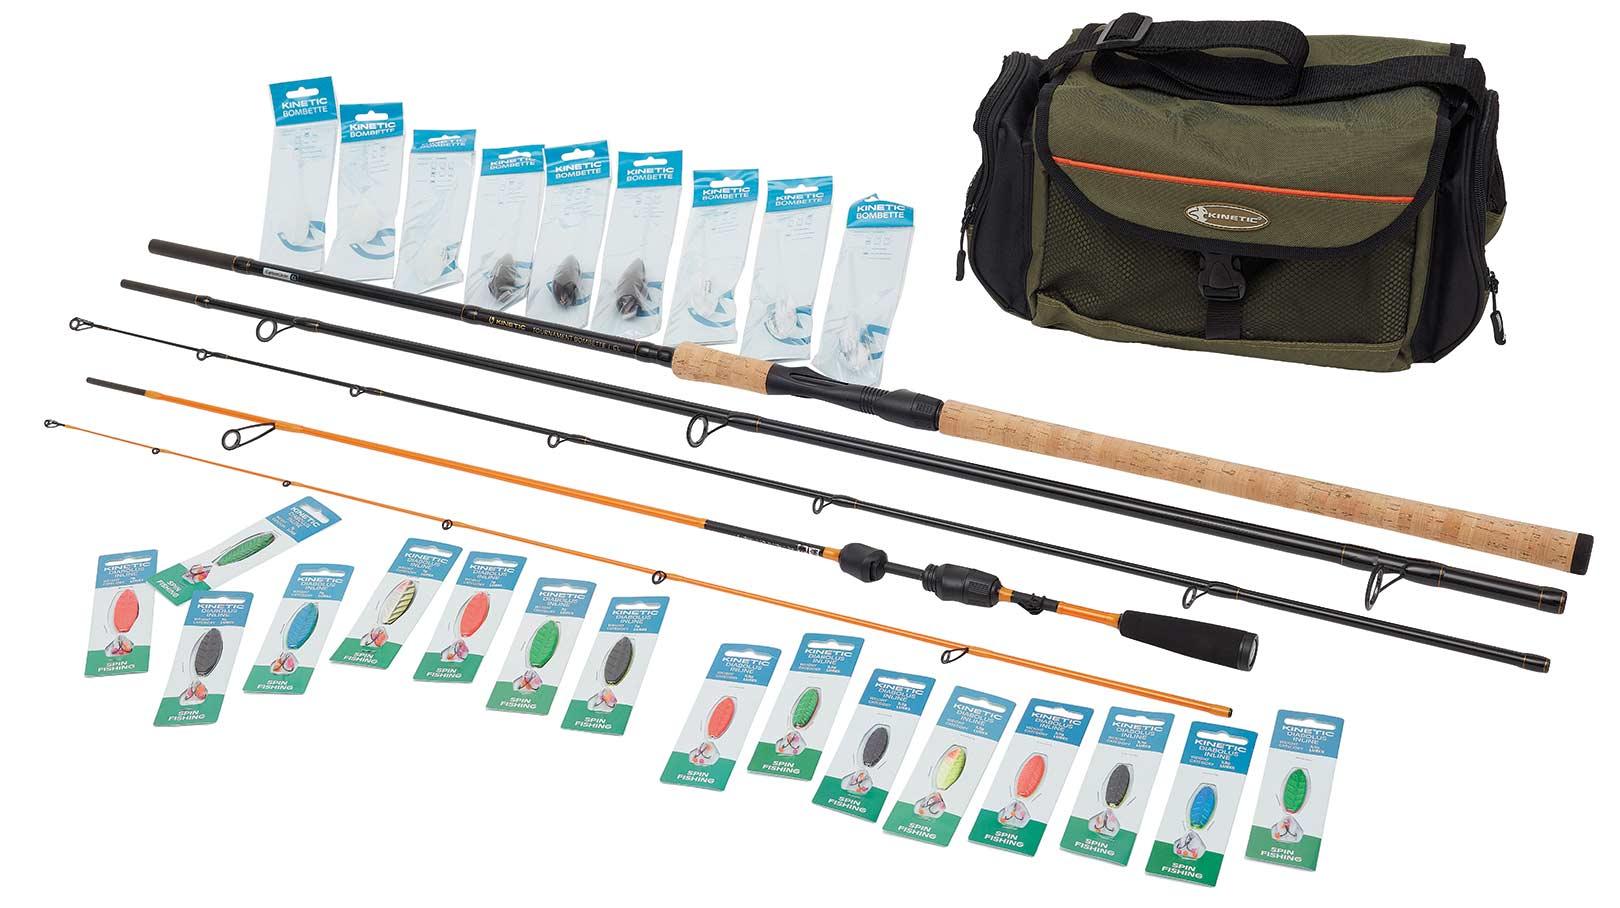 Her kan du se den put and take pakke Jan Munk snart vil modtage fra Kinetic Fishing.